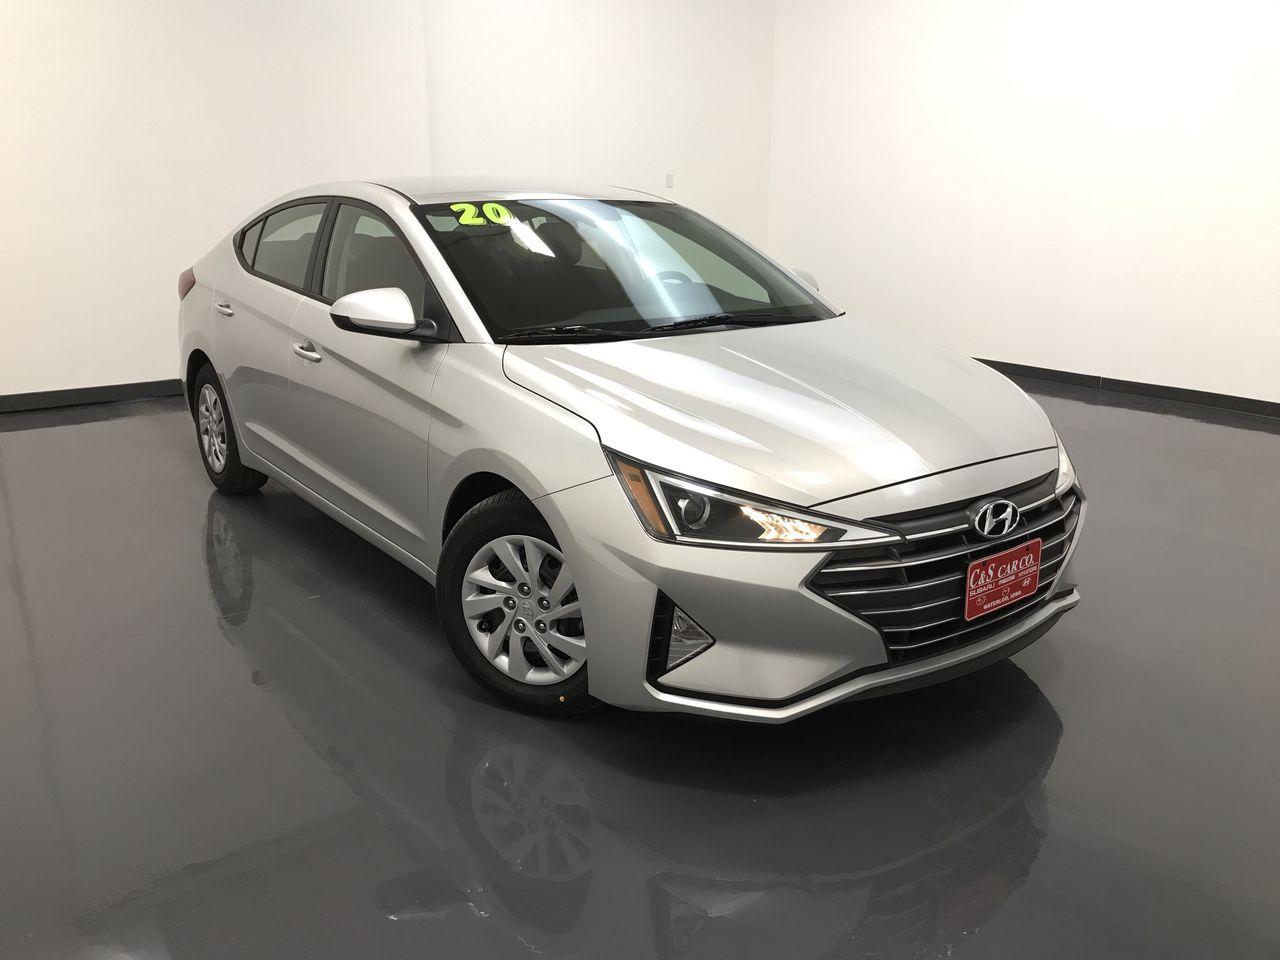 2020 Hyundai Elantra SE  - HY8119  - C & S Car Company